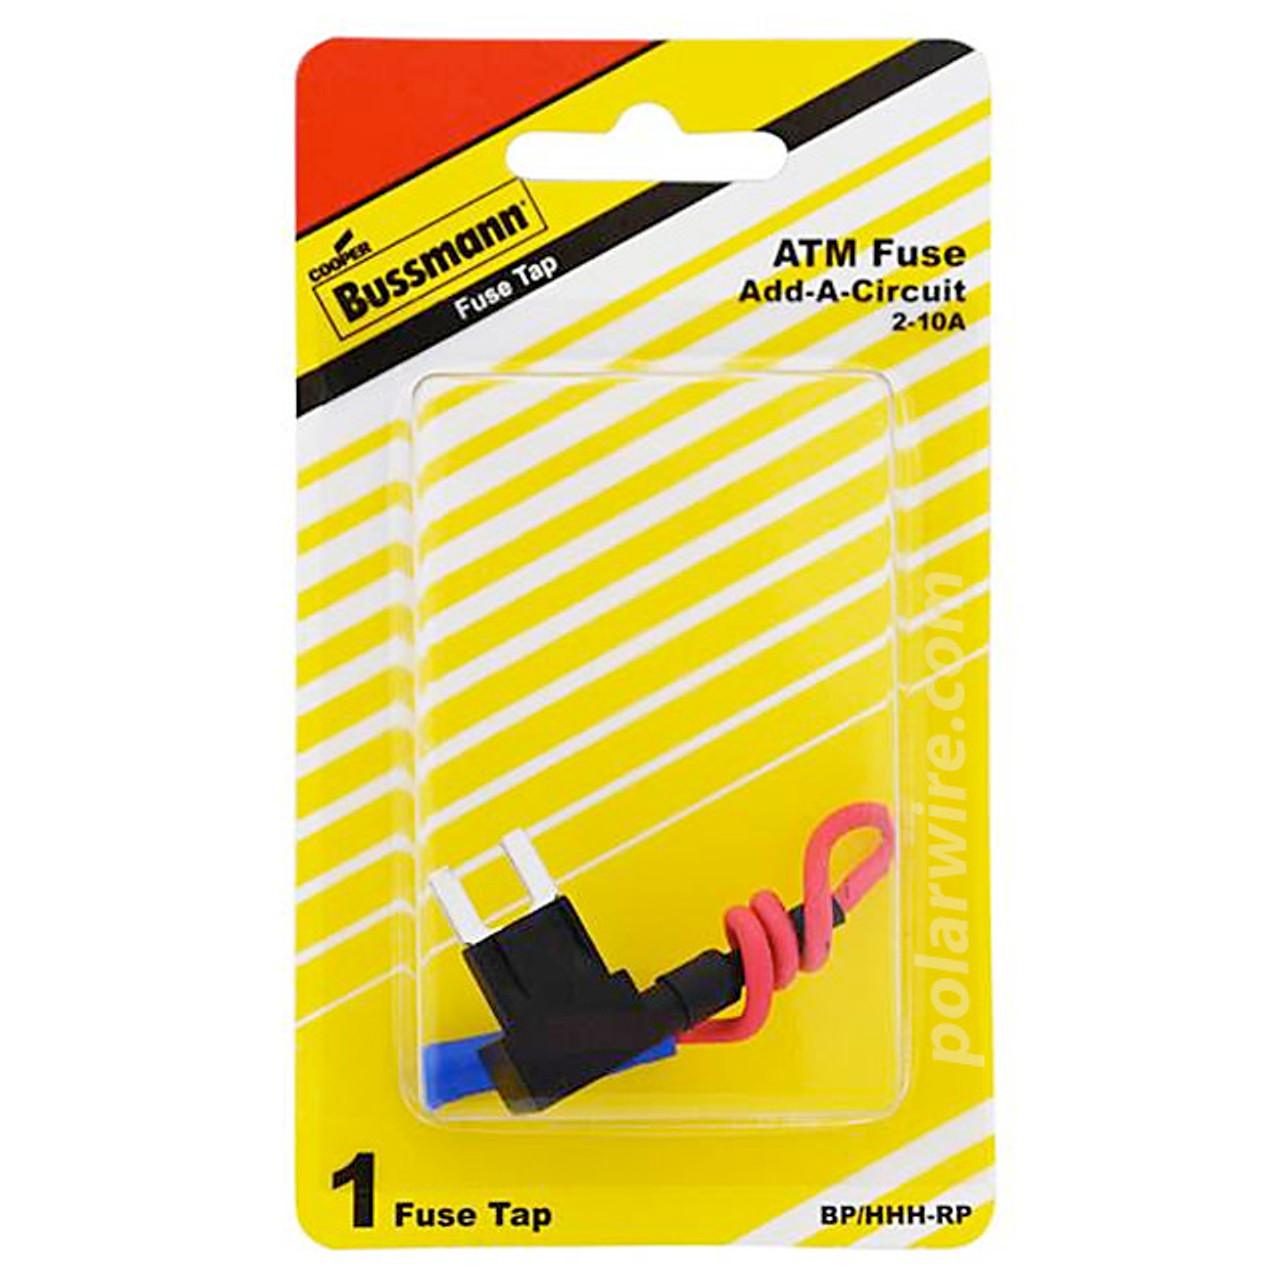 ATM 2-10A ADD-A-LINE CIR ATM FUSE PIGGYBACK 2 ATMS